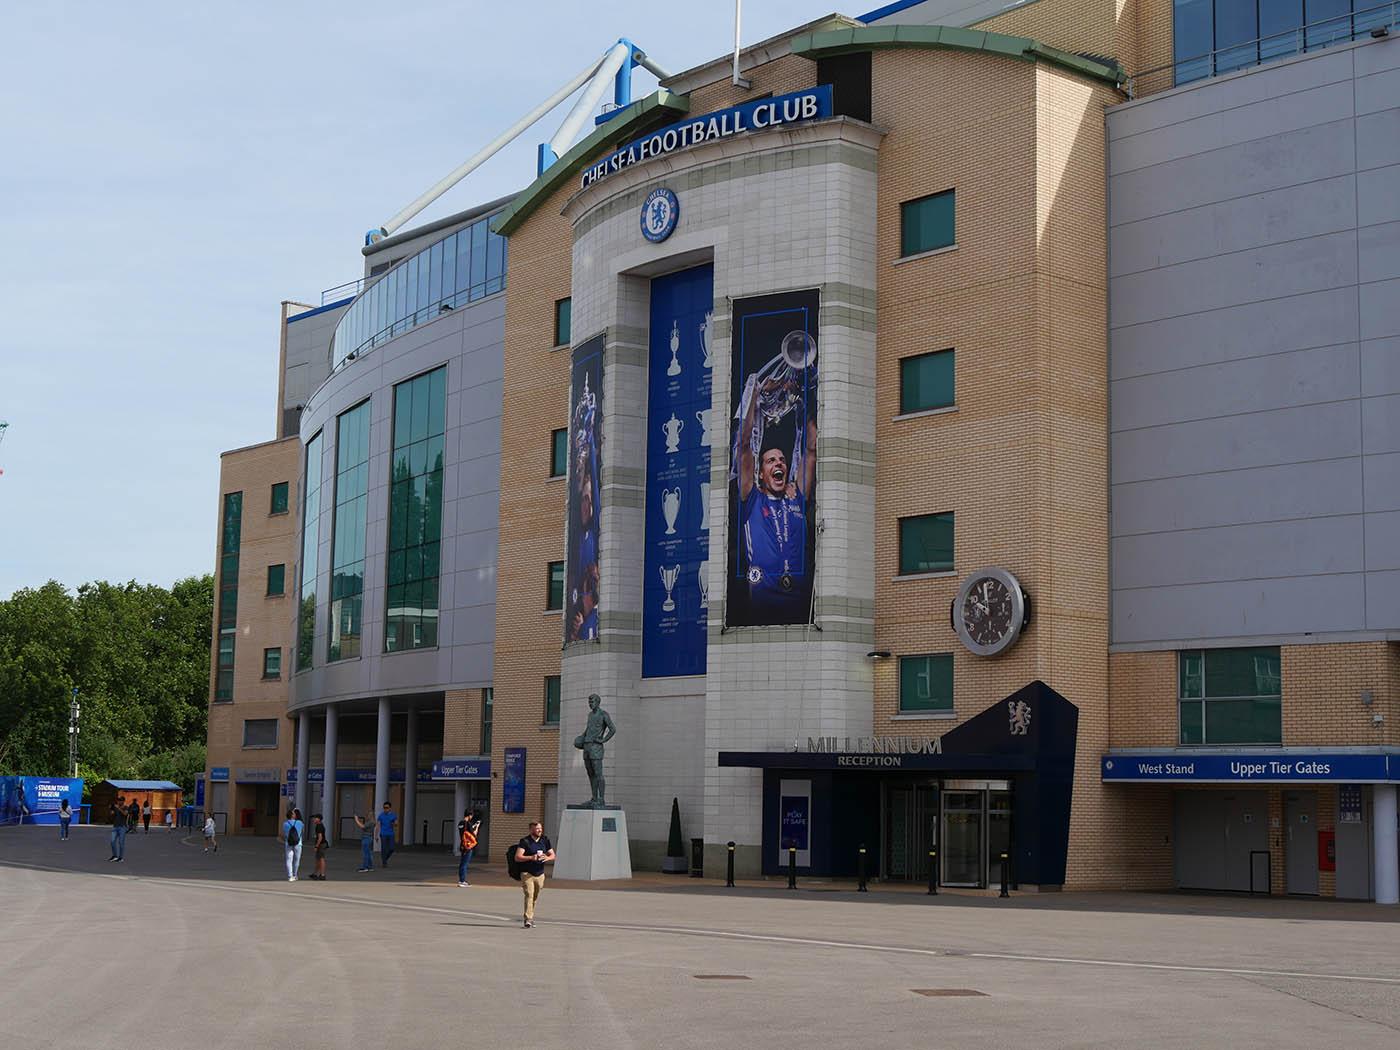 acheter billets Premier League Anglaise Chelsea